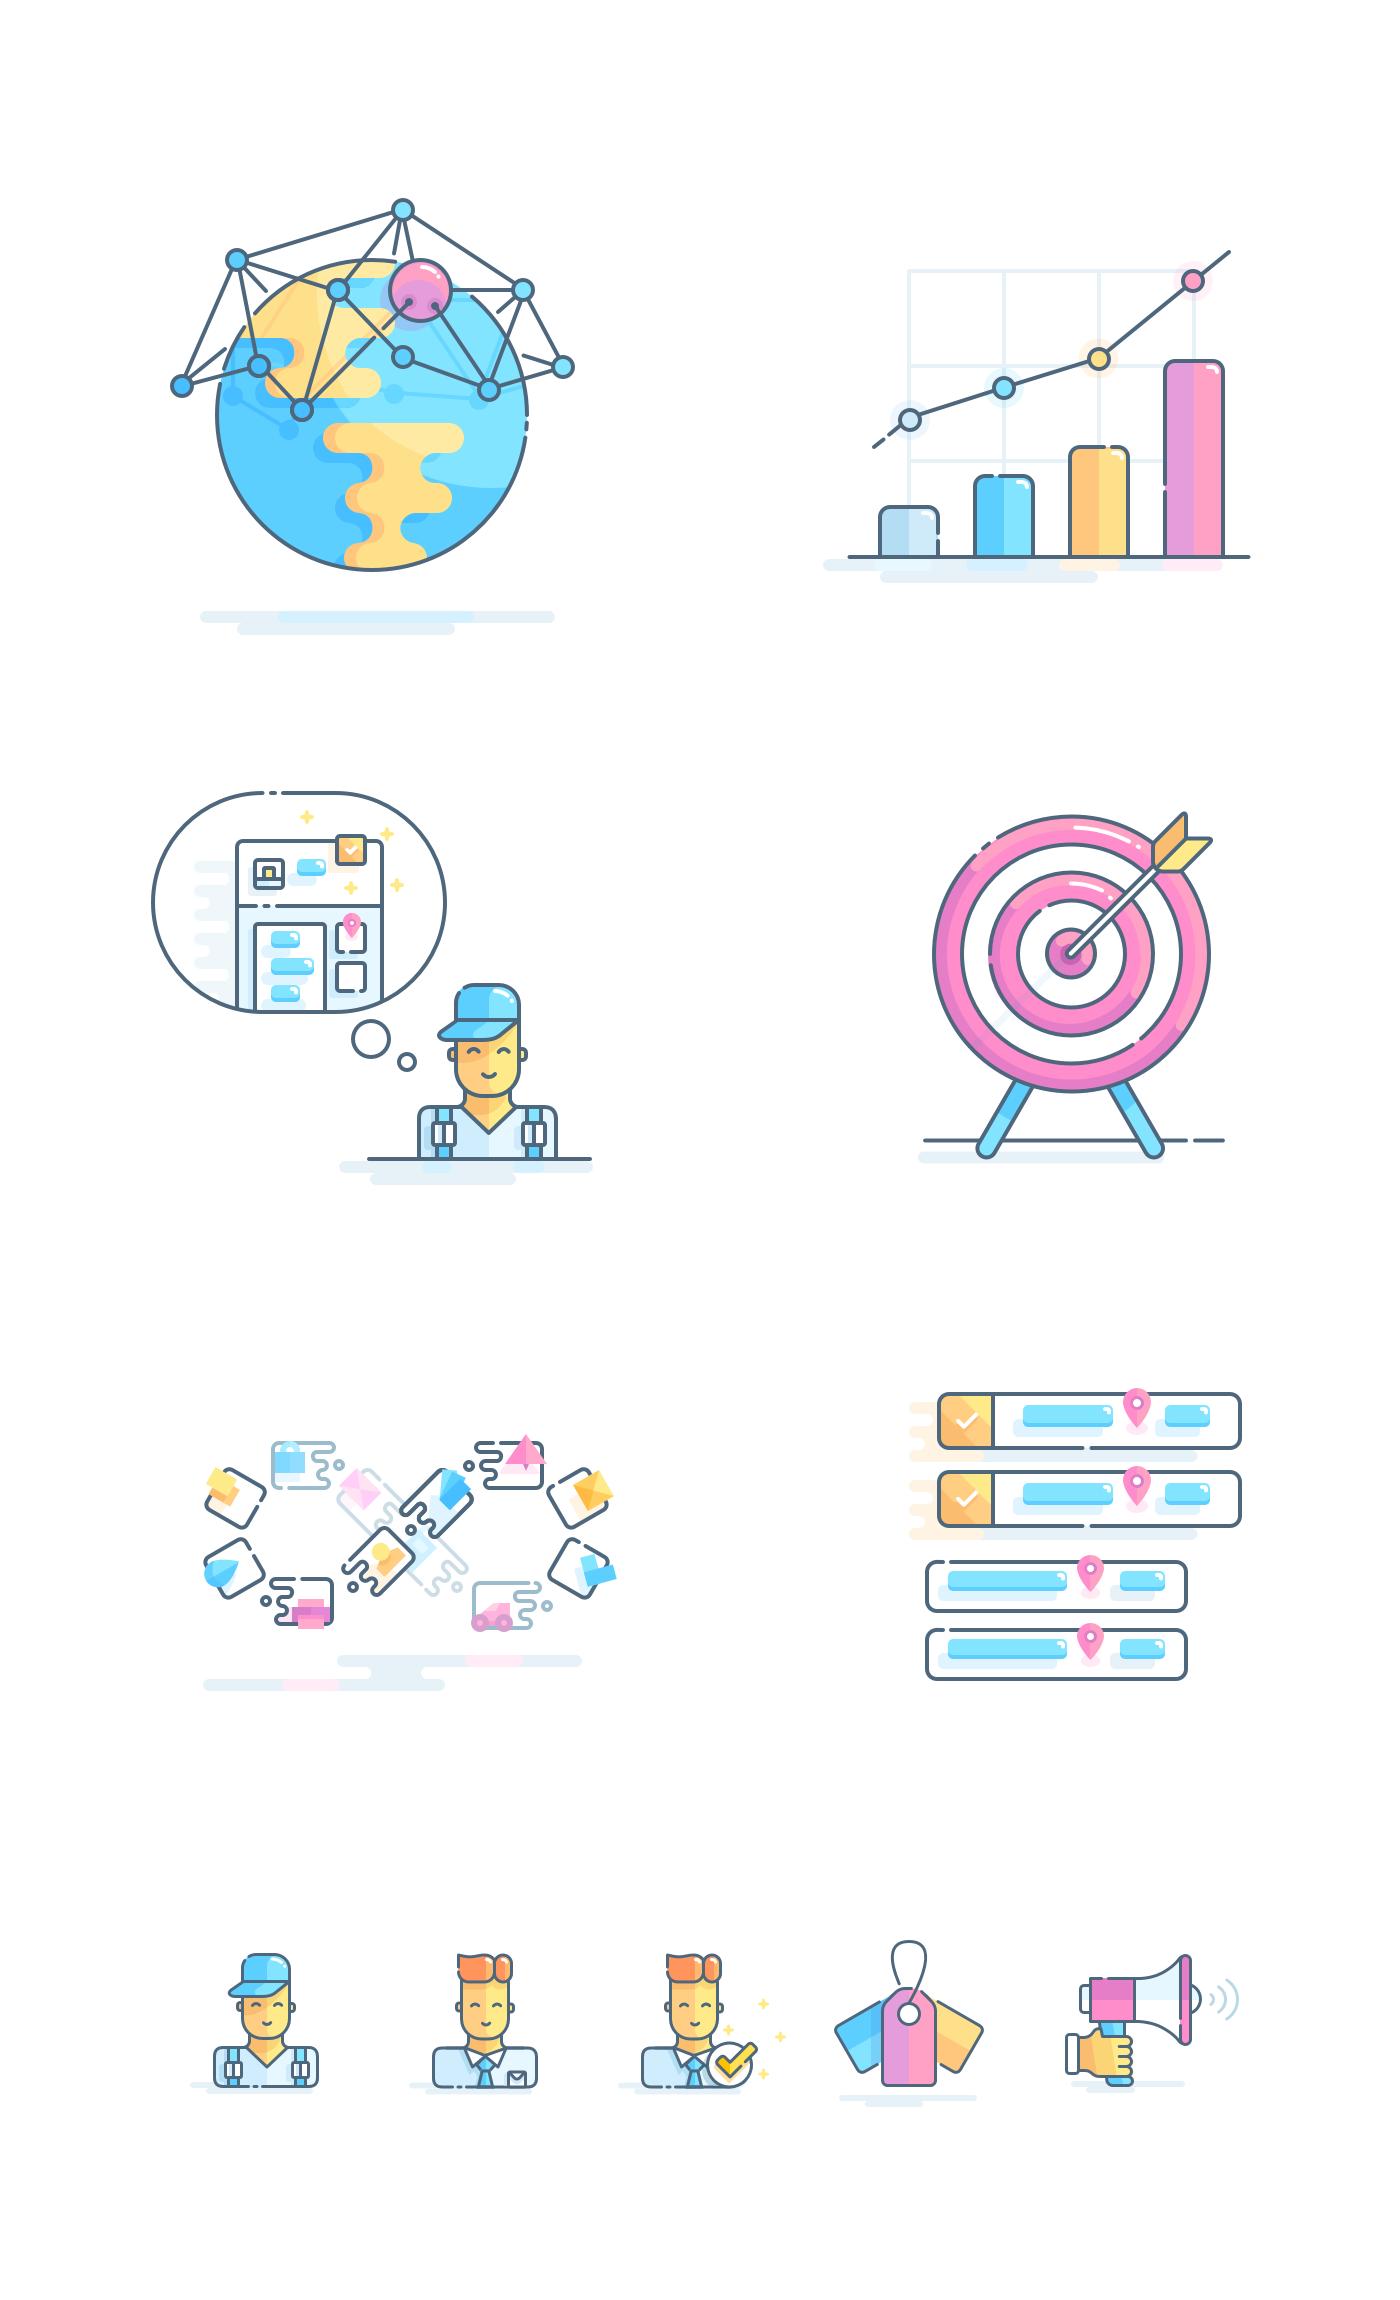 Outline illustrations